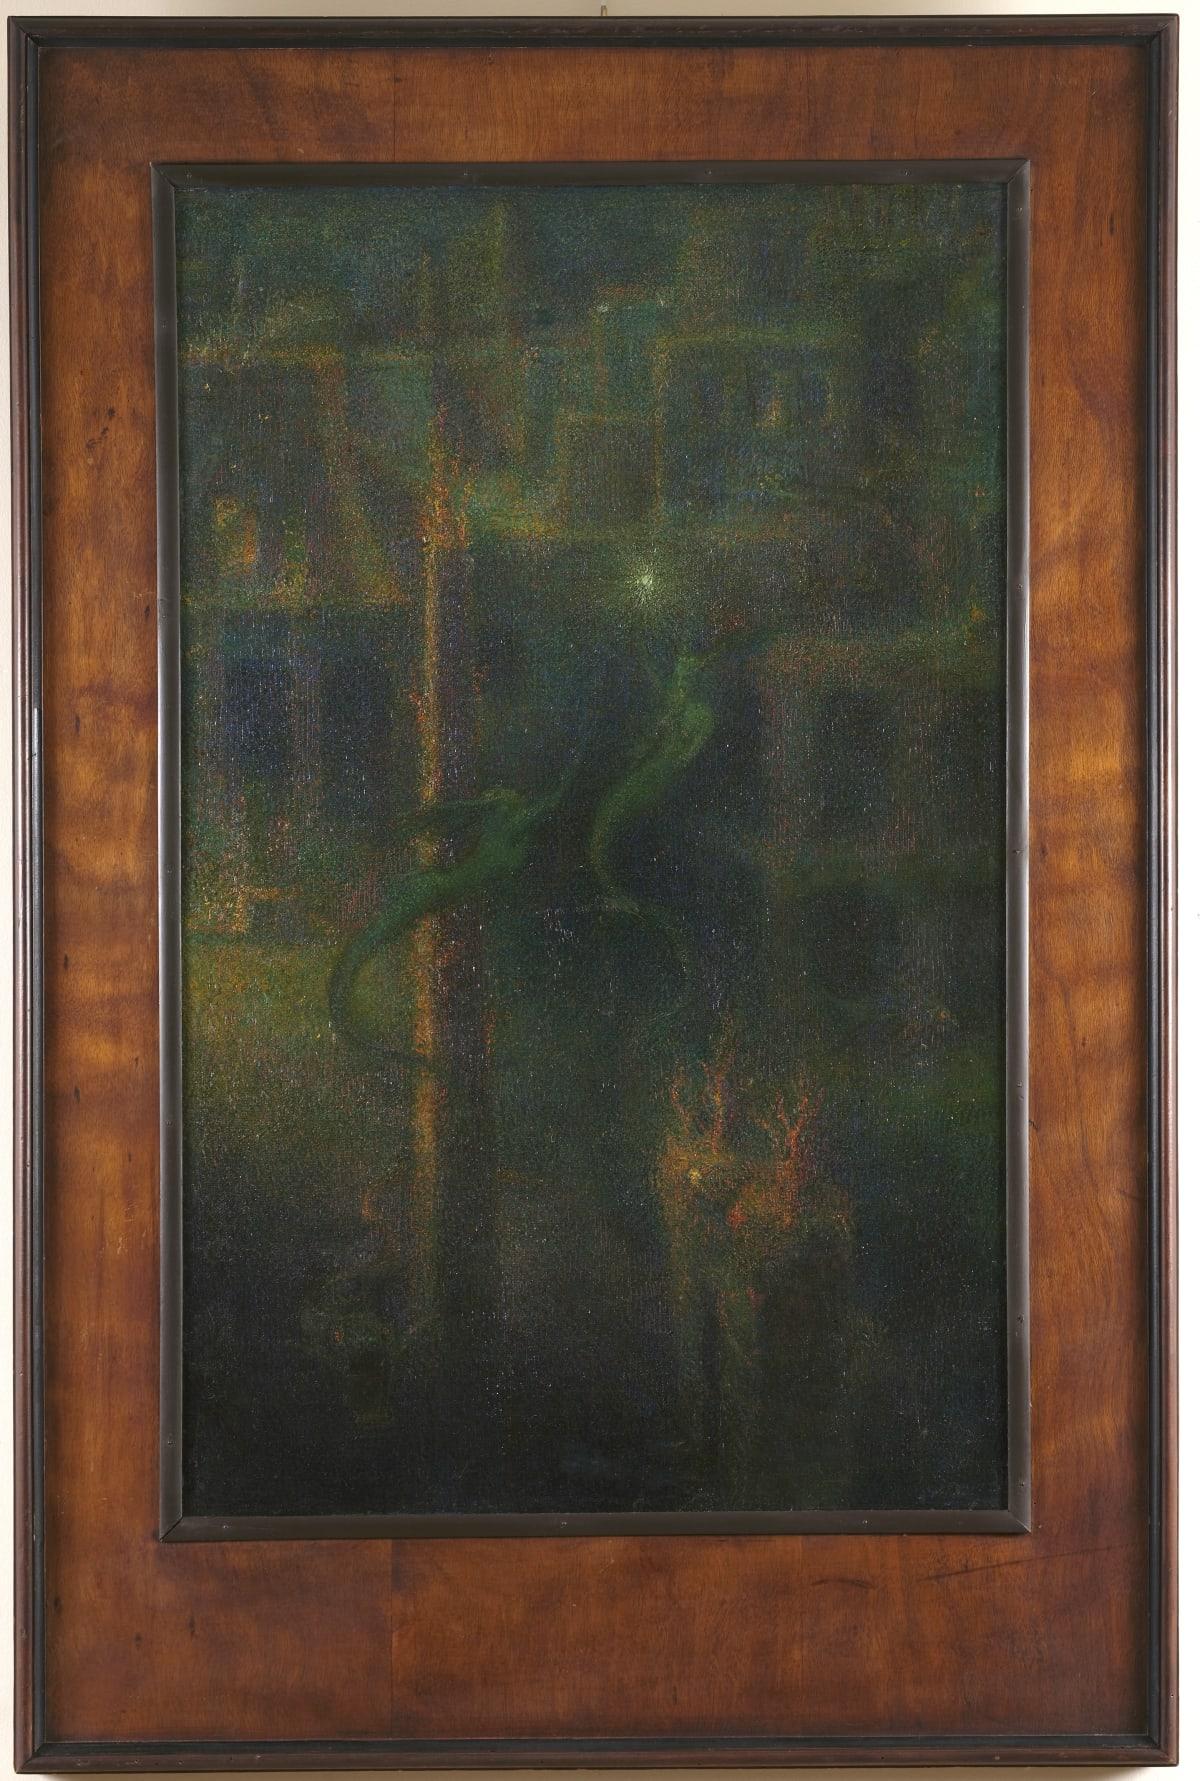 """Johan Axel Holmström Paysage sous-marin, dit « Le Secret de la Mer » [""""Havets hemlighet""""], 1903 Huile sur toile marouflée sur panneau 139,5 x 92,5 cm (cadre compris) Signé, situé et daté « Axel Holmström Roma 1903 » en bas à droite"""